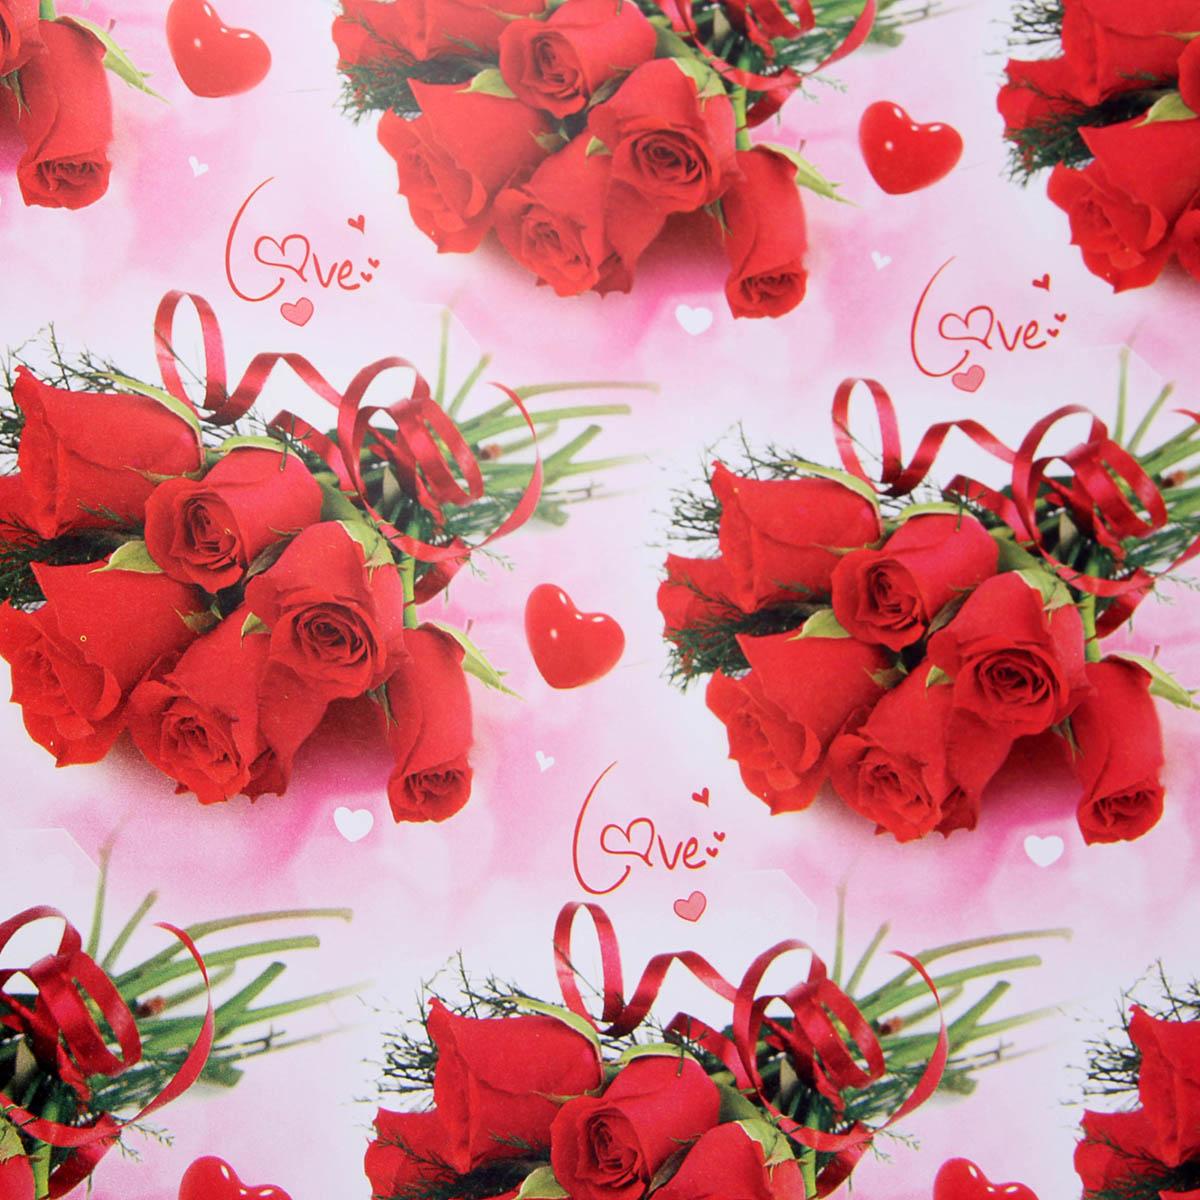 Бумага упаковочная Букет красных роз, 70 х 100 см. 802336802336Любой подарок начинается с упаковки. Что может быть трогательнее и волшебнее, чем ритуал разворачивания полученного презента. И именно оригинальная, со вкусом выбранная упаковка выделит ваш подарок из массы других. Она продемонстрирует самые тёплые чувства к виновнику торжества и создаст сказочную атмосферу праздника. Бумага упаковочная Букет красных роз, 70 х 100 см — это то, что вы искали.